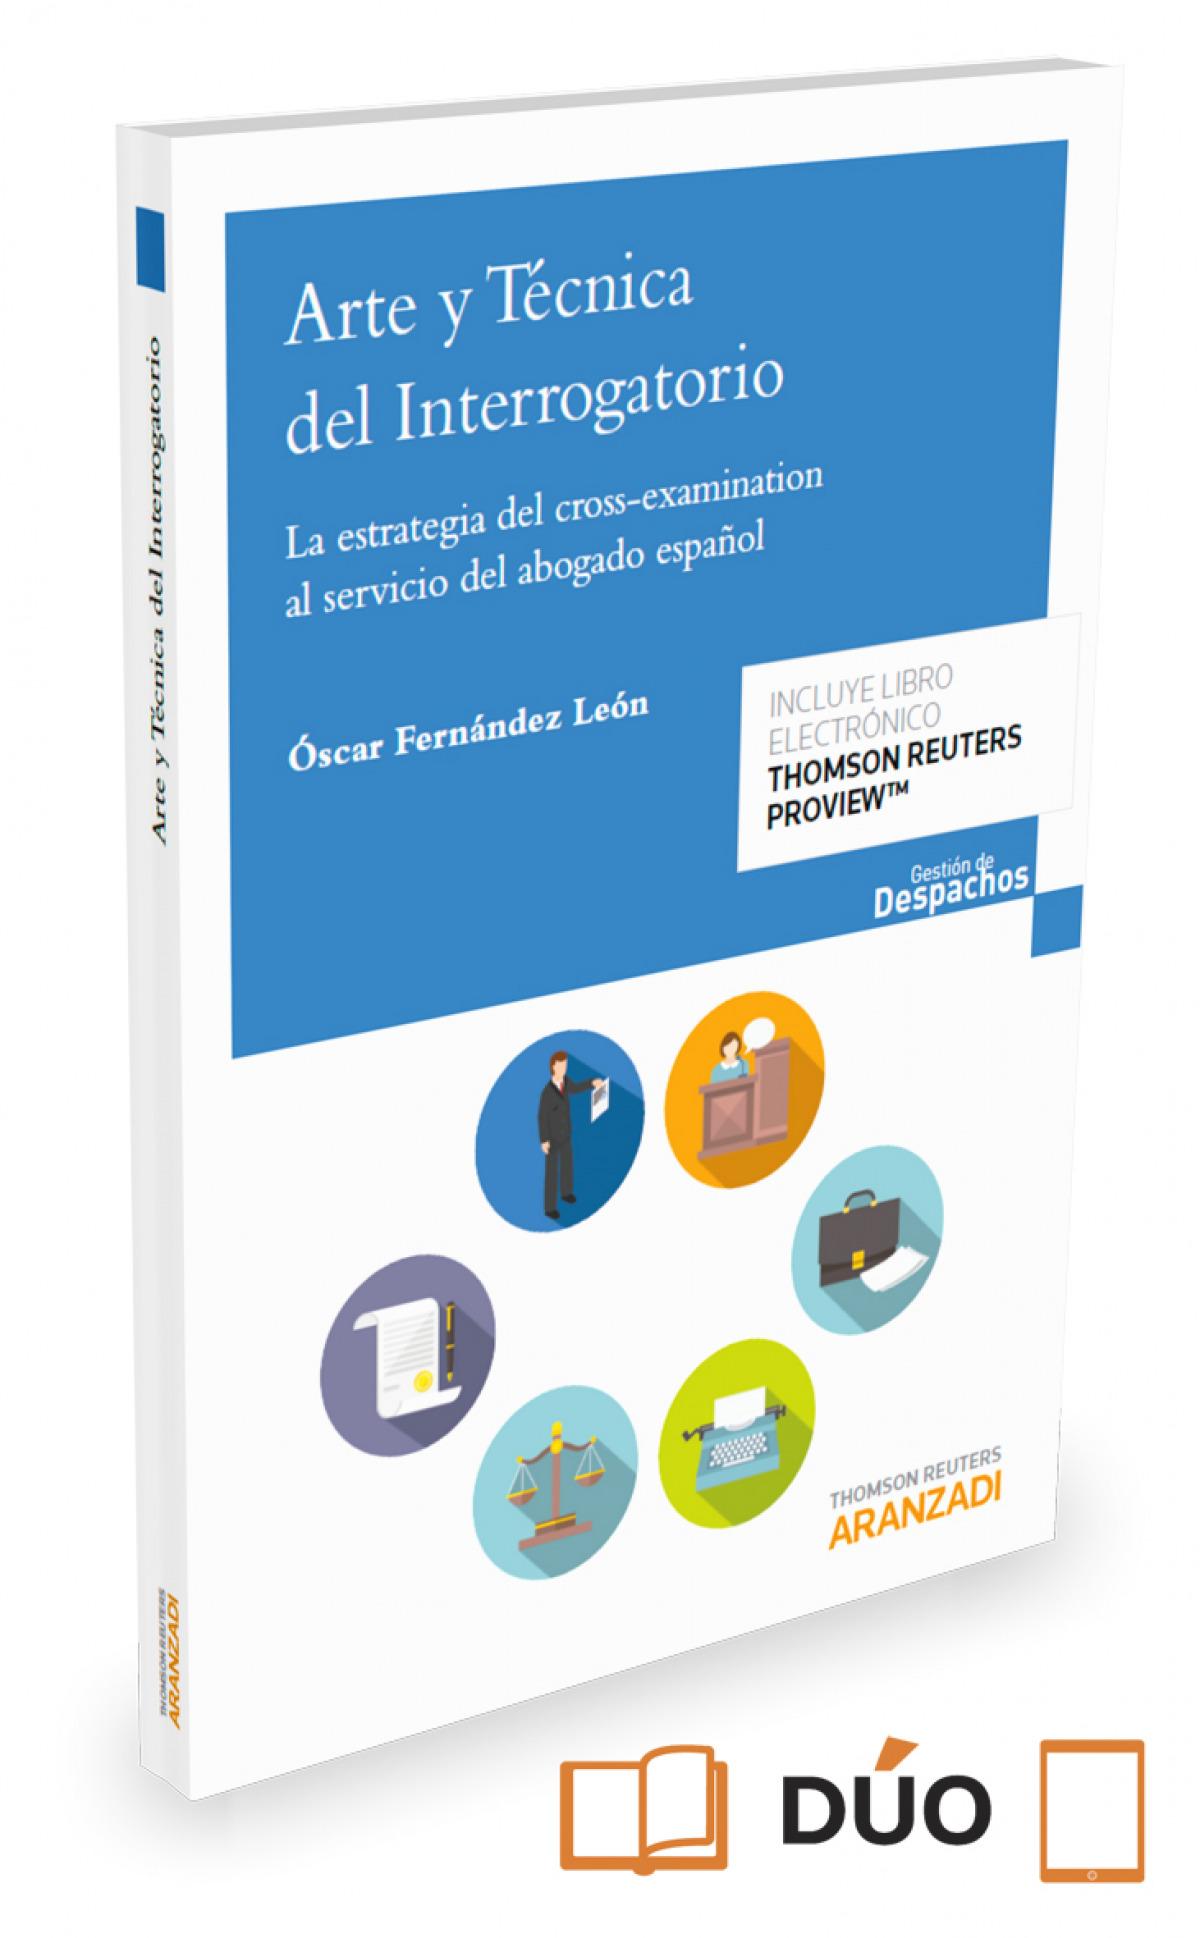 ARTE Y TECNICA DEL INTERROGATORIO (PAPEL + E-BOOK) 9788491356646